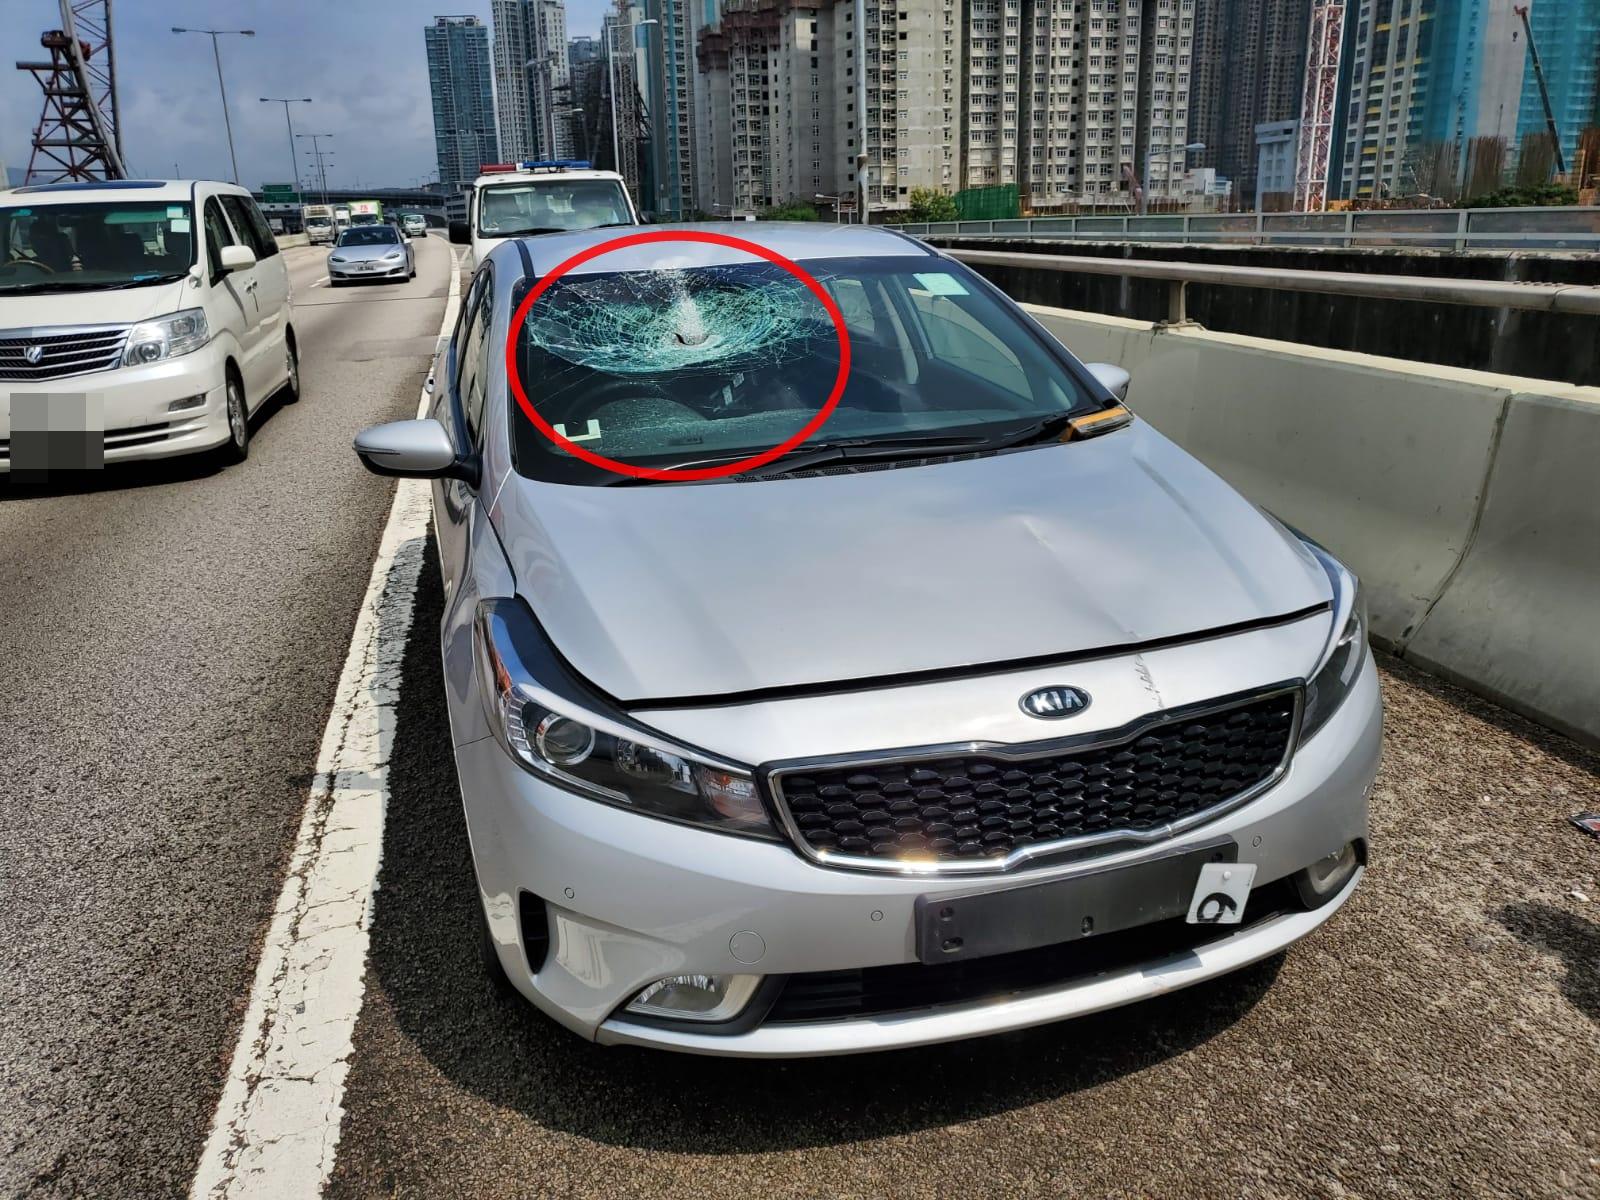 鐵枝飛插入私家車內。 蔡楚輝攝